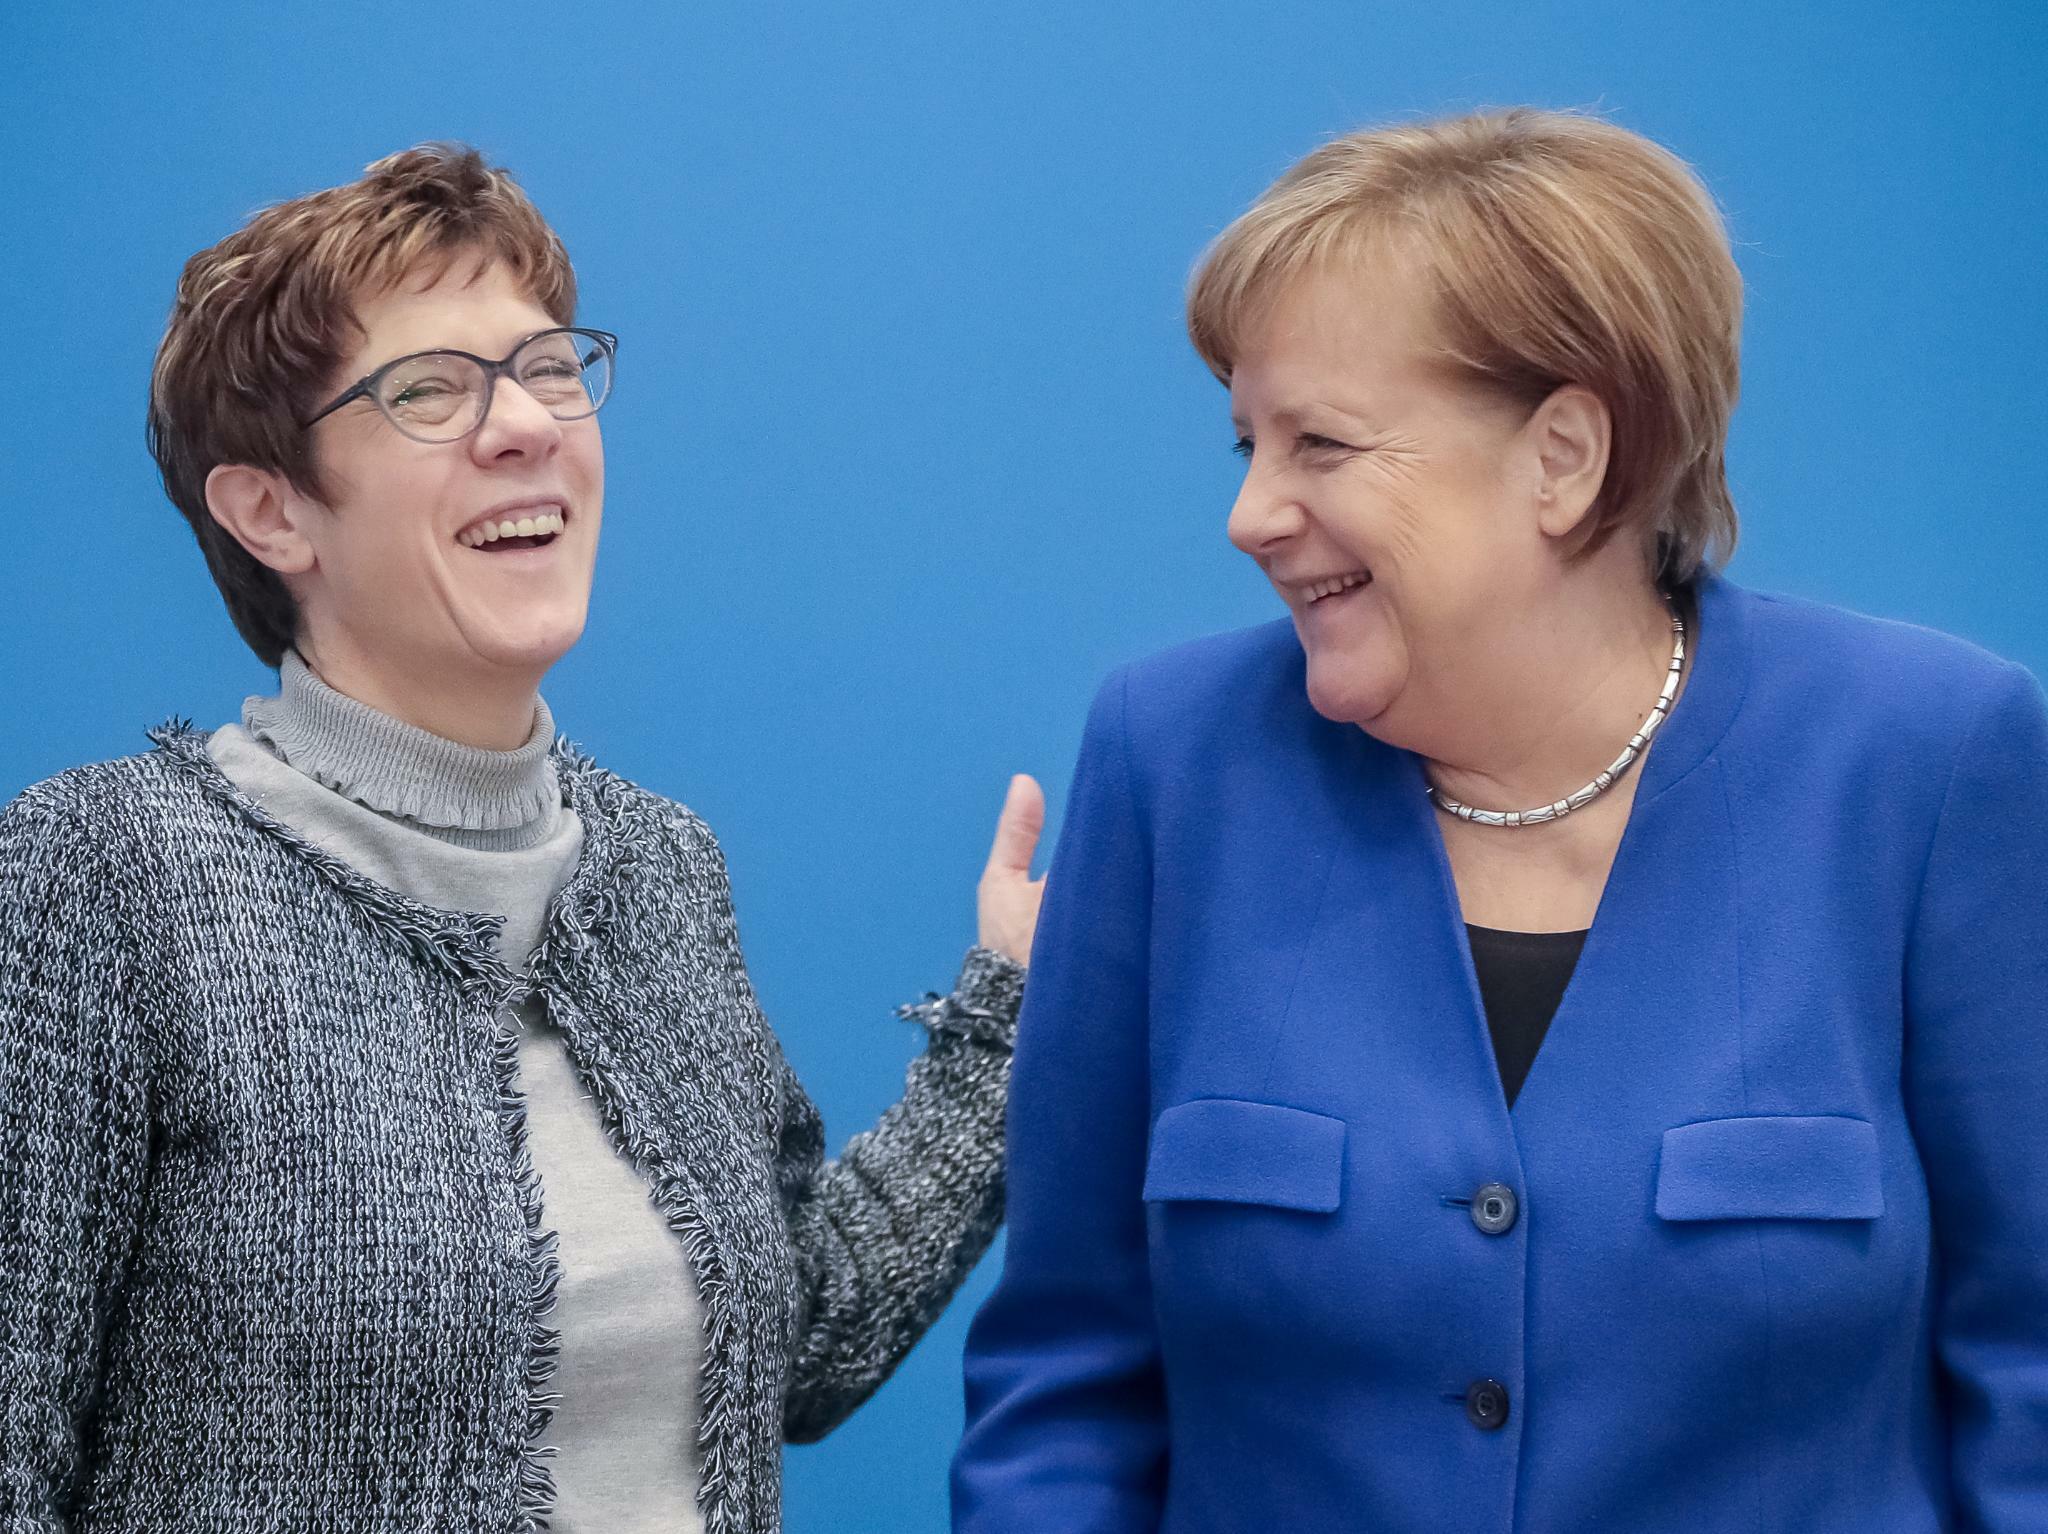 Union legt in der Wählergunst zu und baut Vorsprung zu den Grünen aus